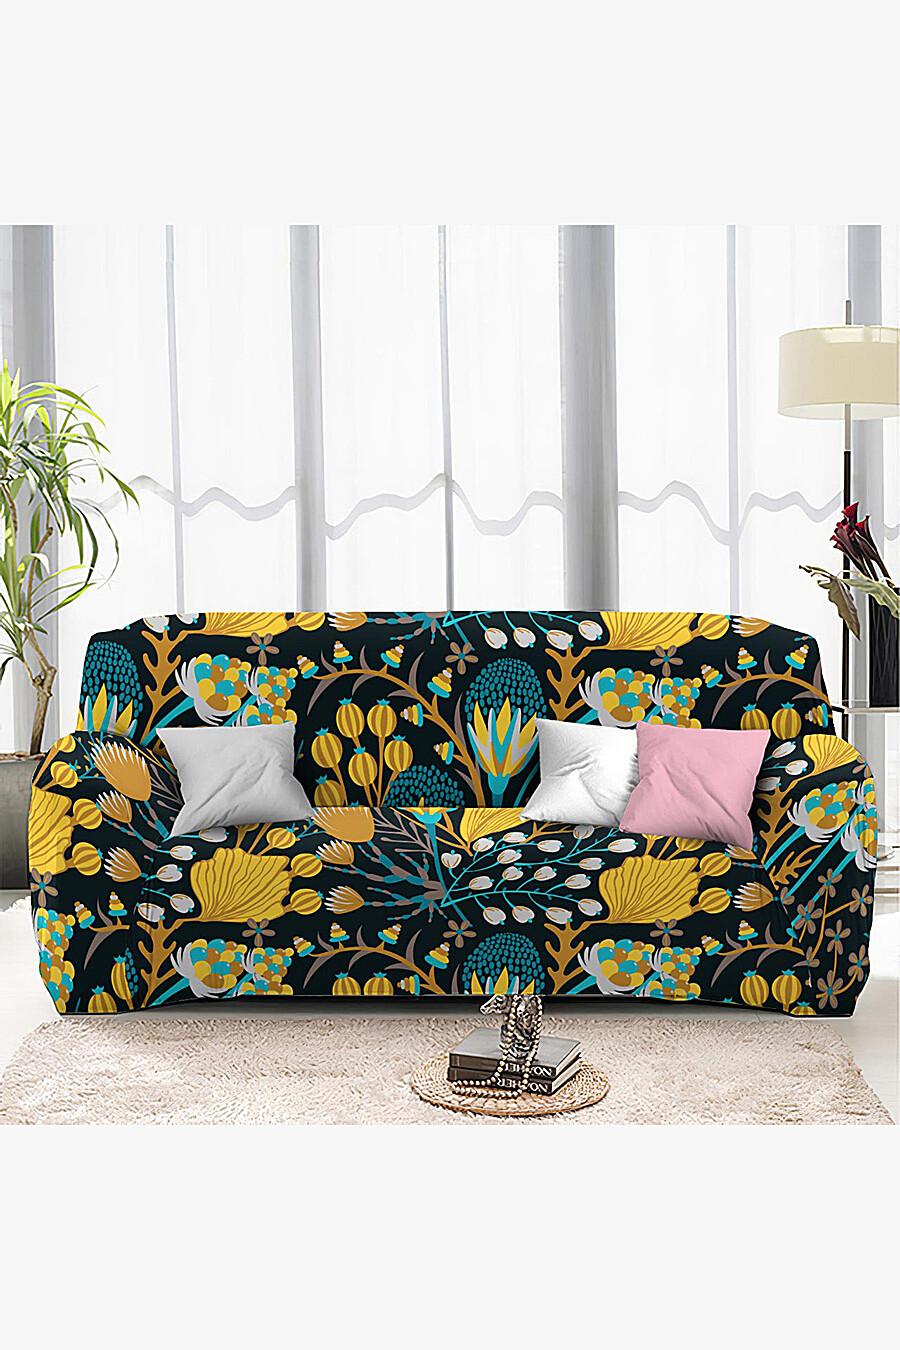 Чехол на диван для дома ART HOME TEXTILE 162914 купить оптом от производителя. Совместная покупка товаров для дома в OptMoyo